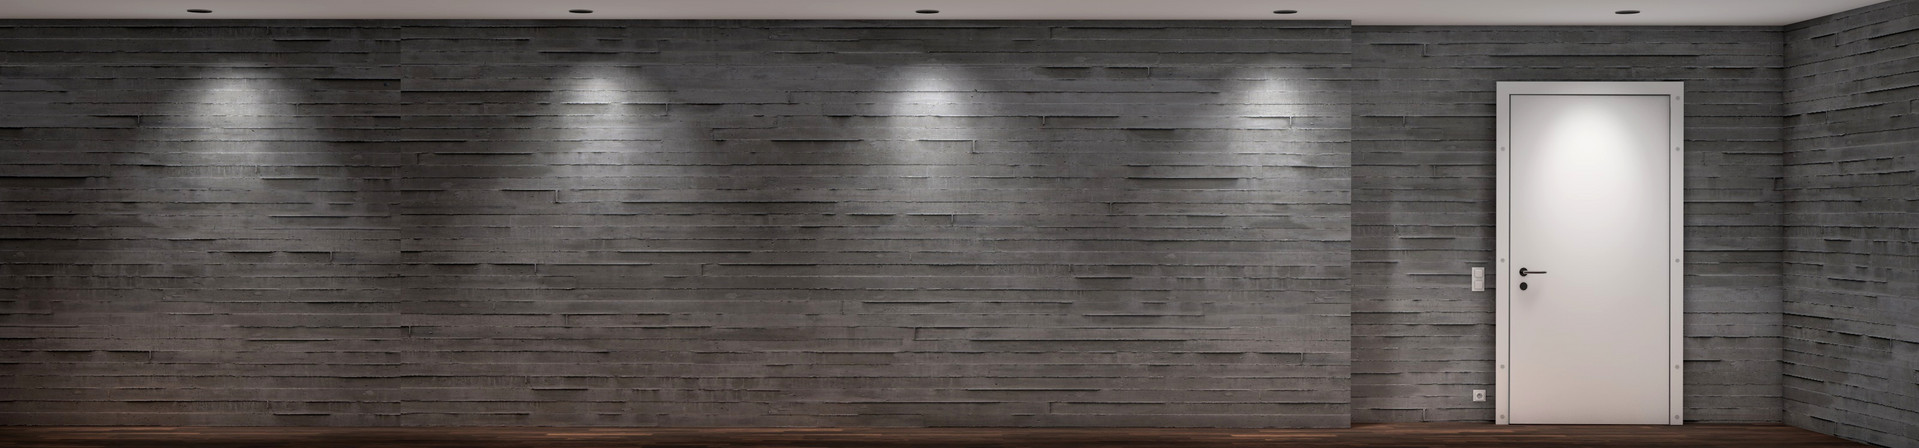 blendrahmenzargen bos best of steel. Black Bedroom Furniture Sets. Home Design Ideas